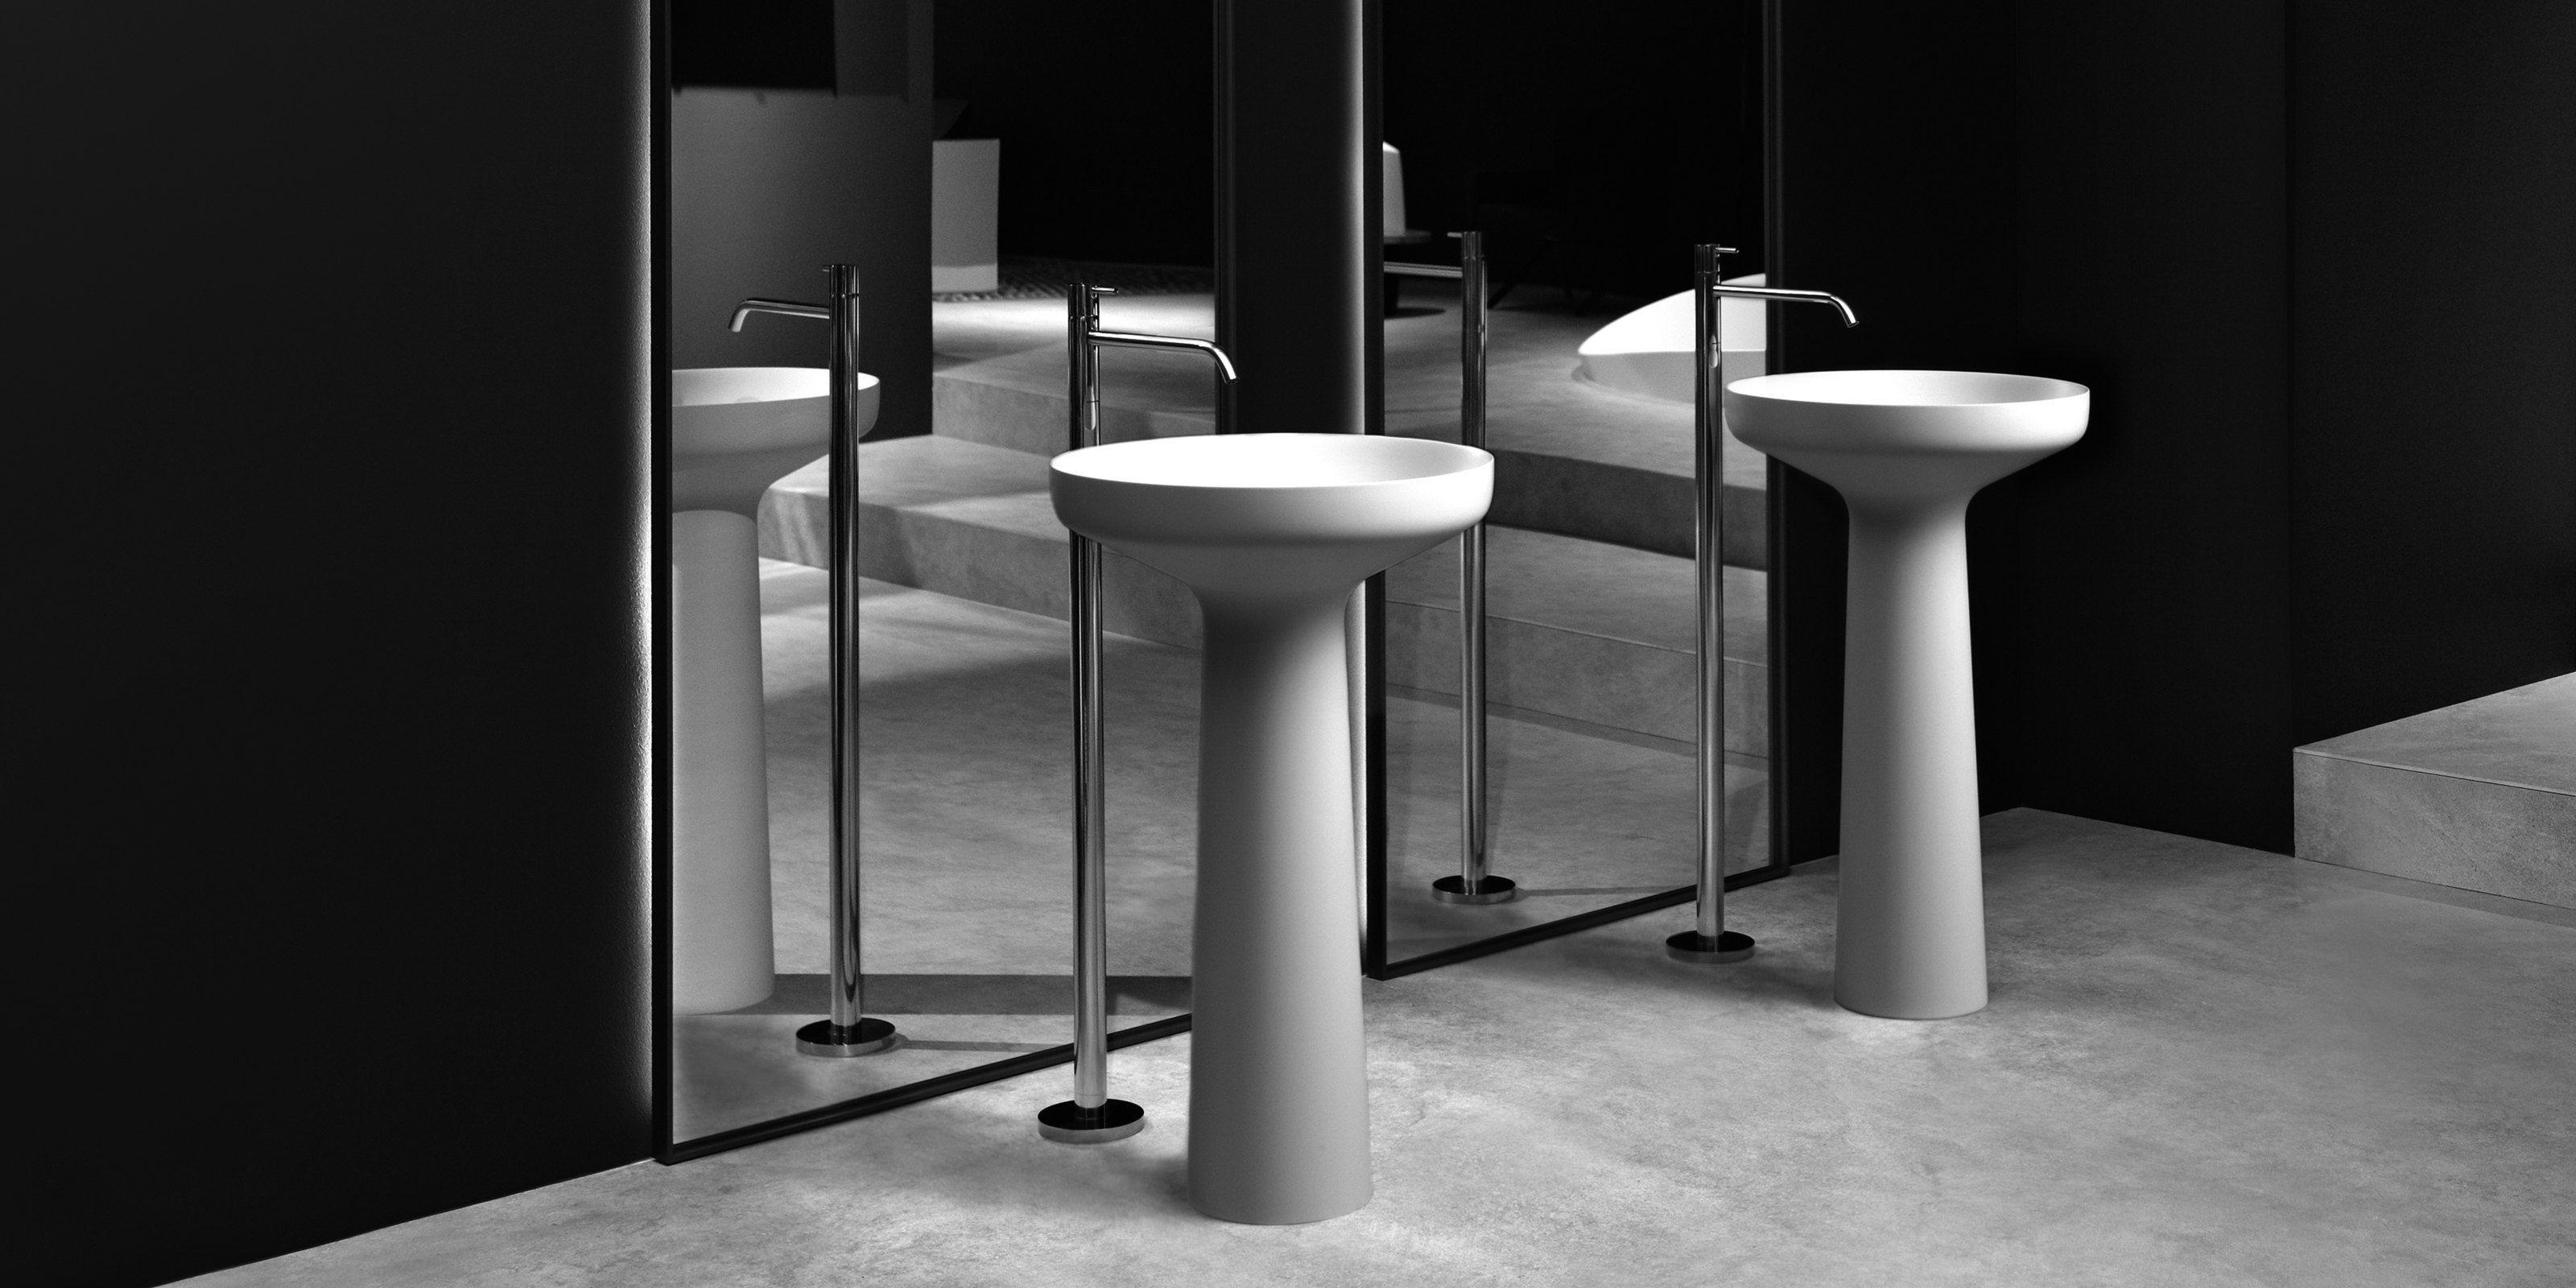 AGO85 design Mario Ferrarini Realizzato in Flumood, è la sintesi armonica di volumi essenziali, è l'incontro virtuoso tra la geometria perfetta del bacino circolare dai bordi sottili e la base cilindrica che si restringe verso l'alto